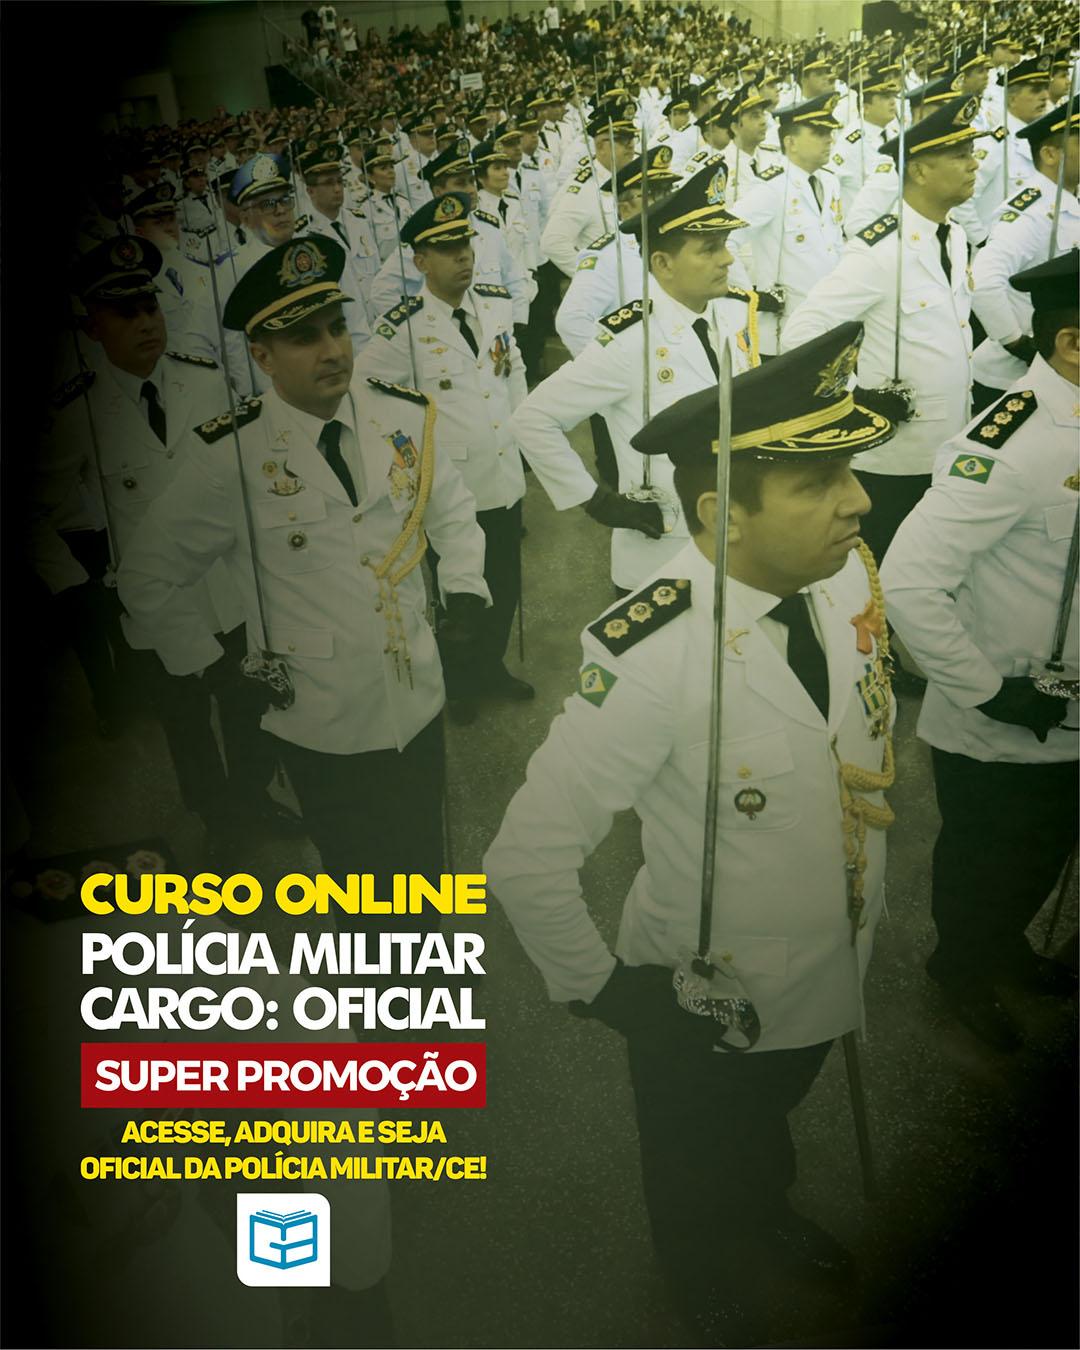 CURSO REGULAR POLÍCIA MILITAR - CARGO: OFICIAL